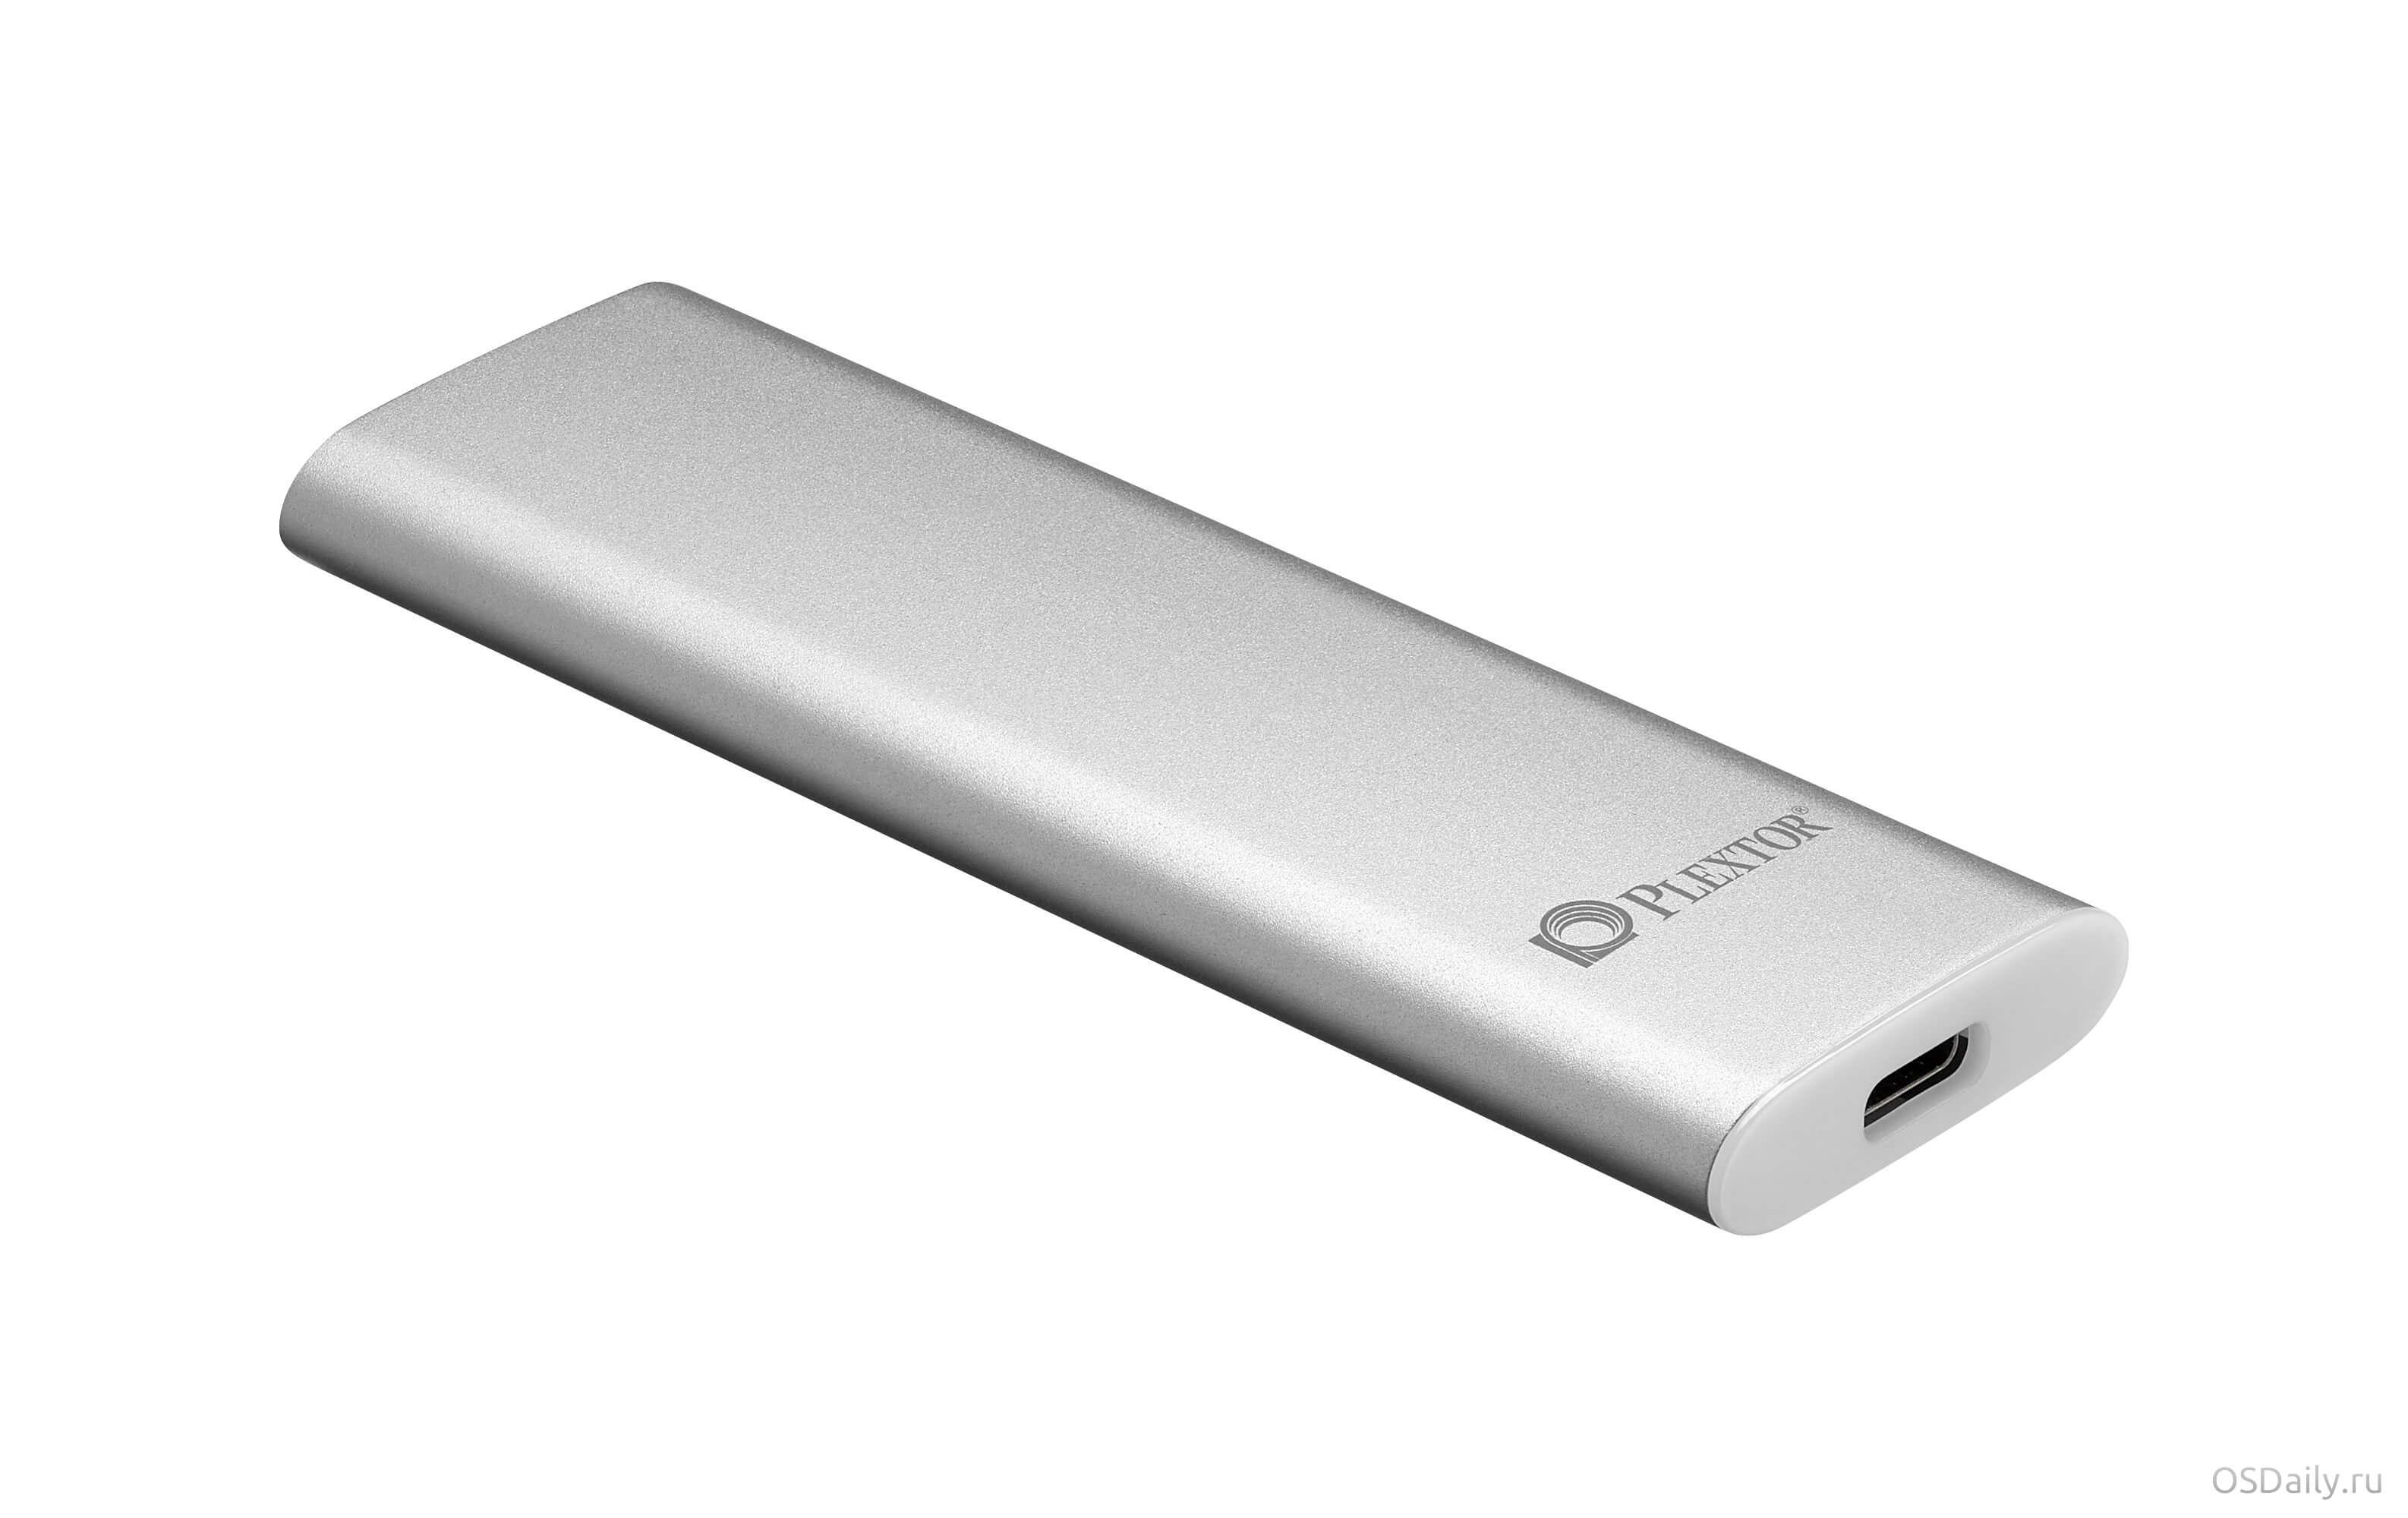 Внешний жесткий диск ЕХ1 с USB-C поддержкой уже скоро увидит свет